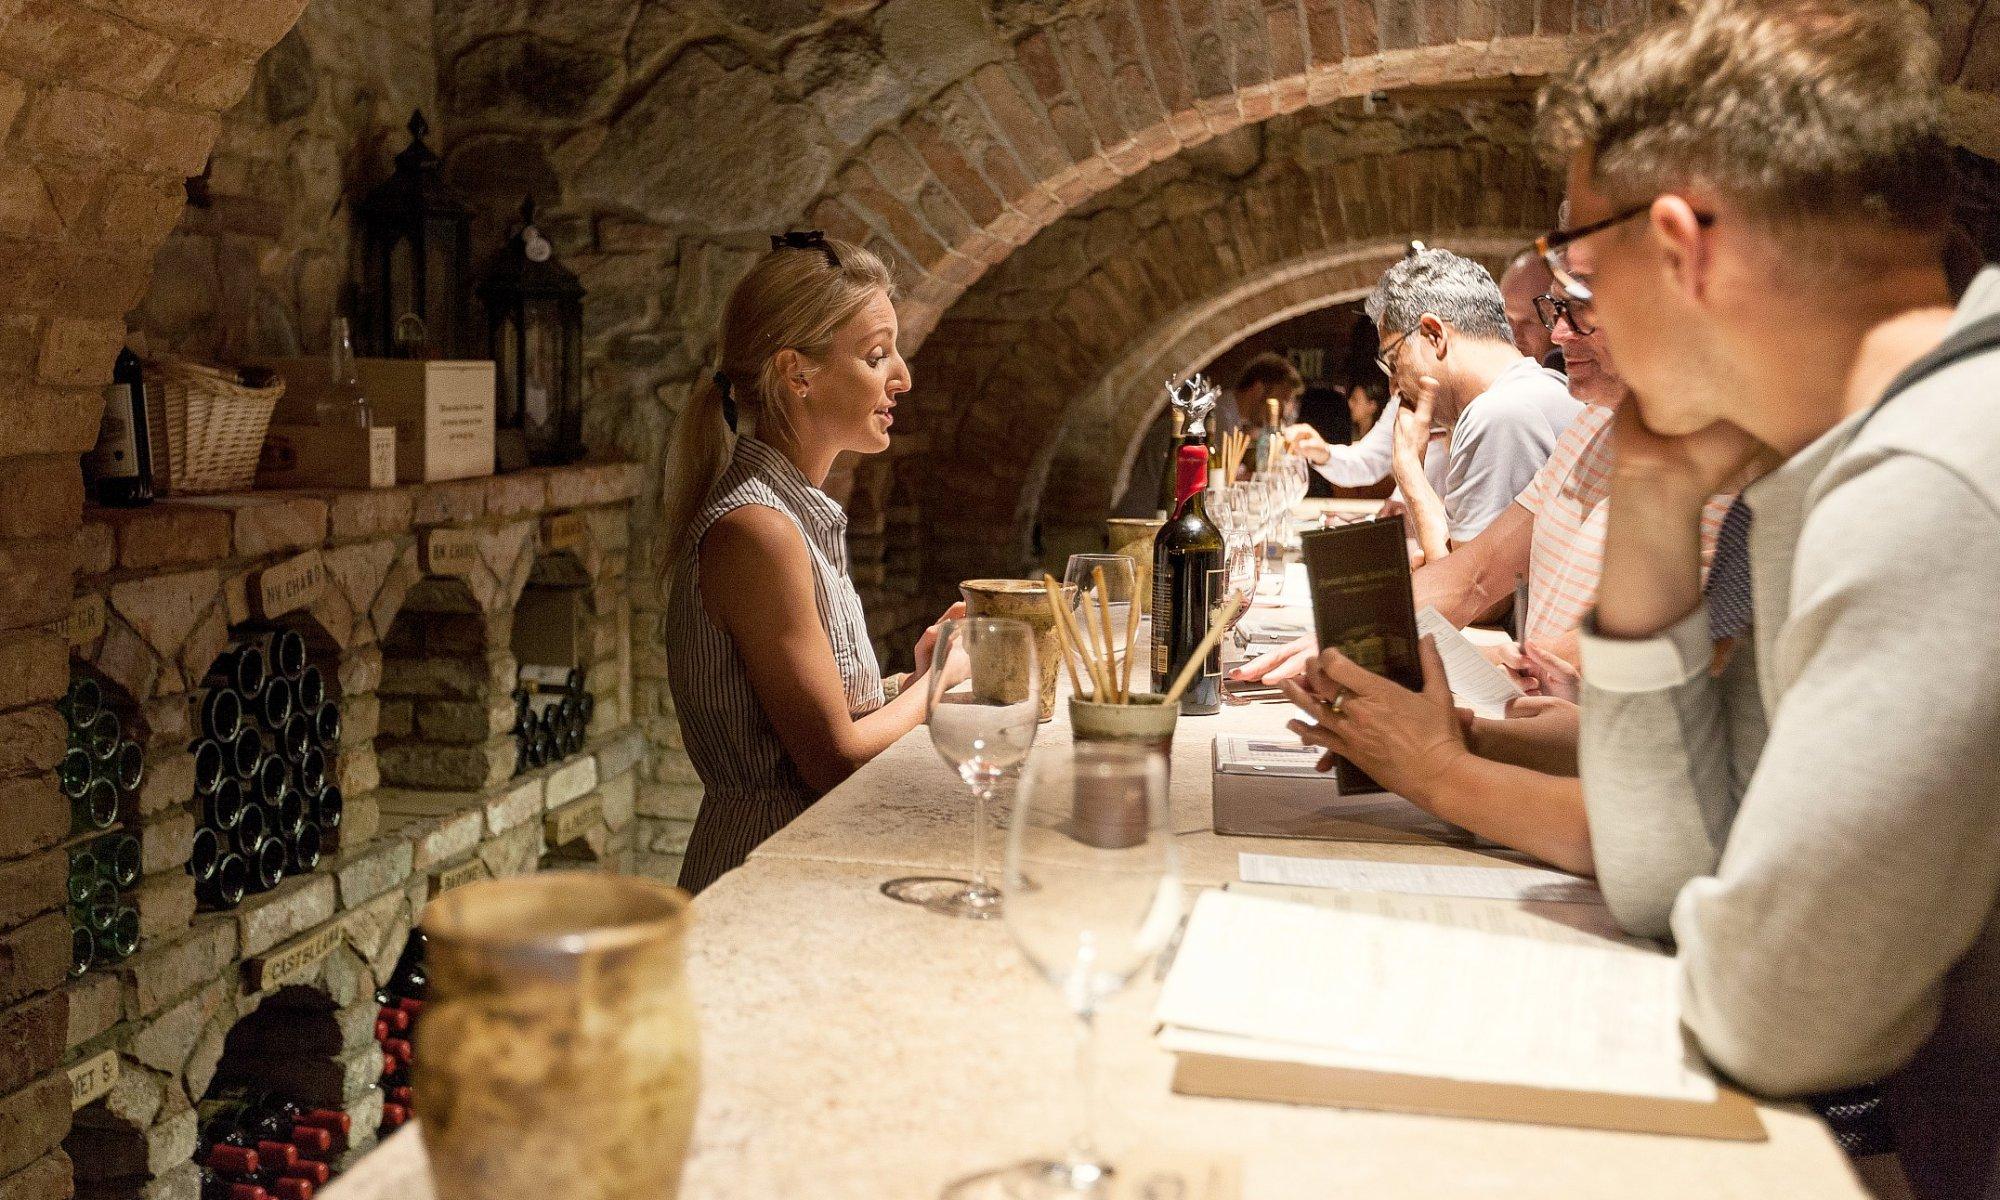 Bartender serving visitors at Castle Wine cellar tasting room